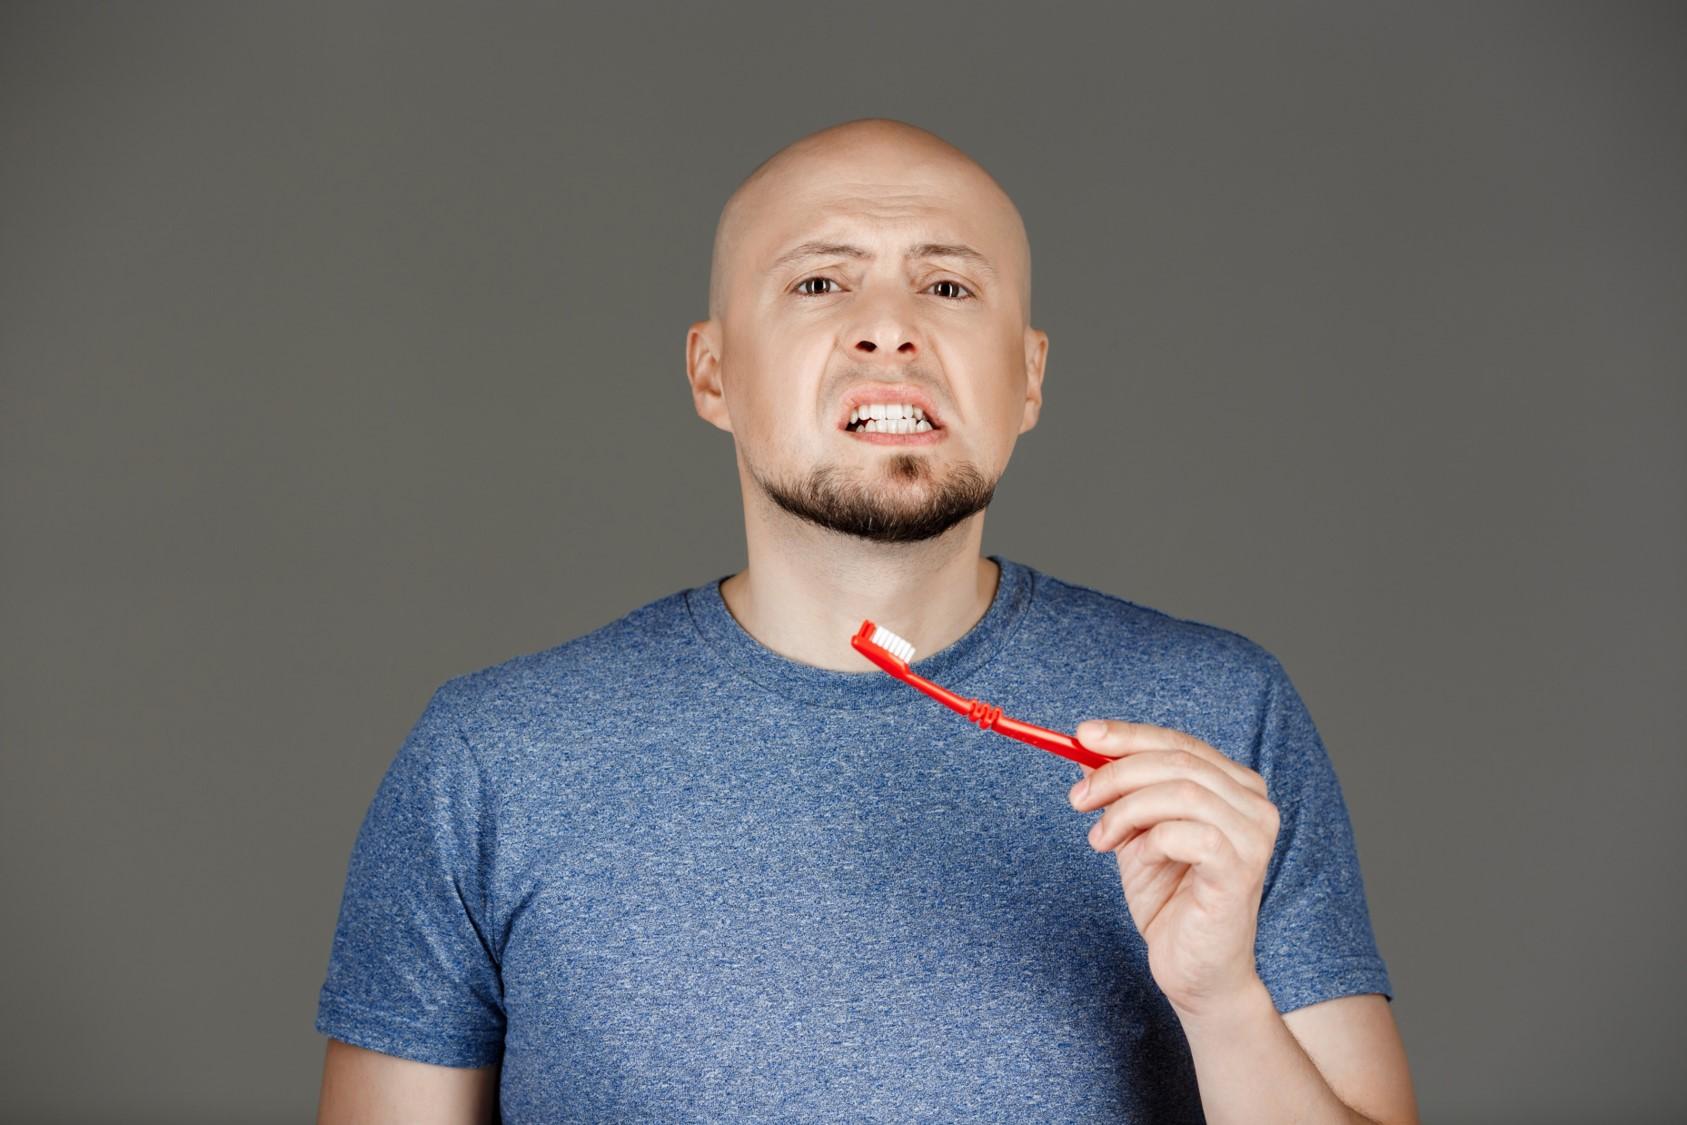 Γιατί τα ούλα μου ματώνουν όταν βουρτσίζω τα δόντια μου;